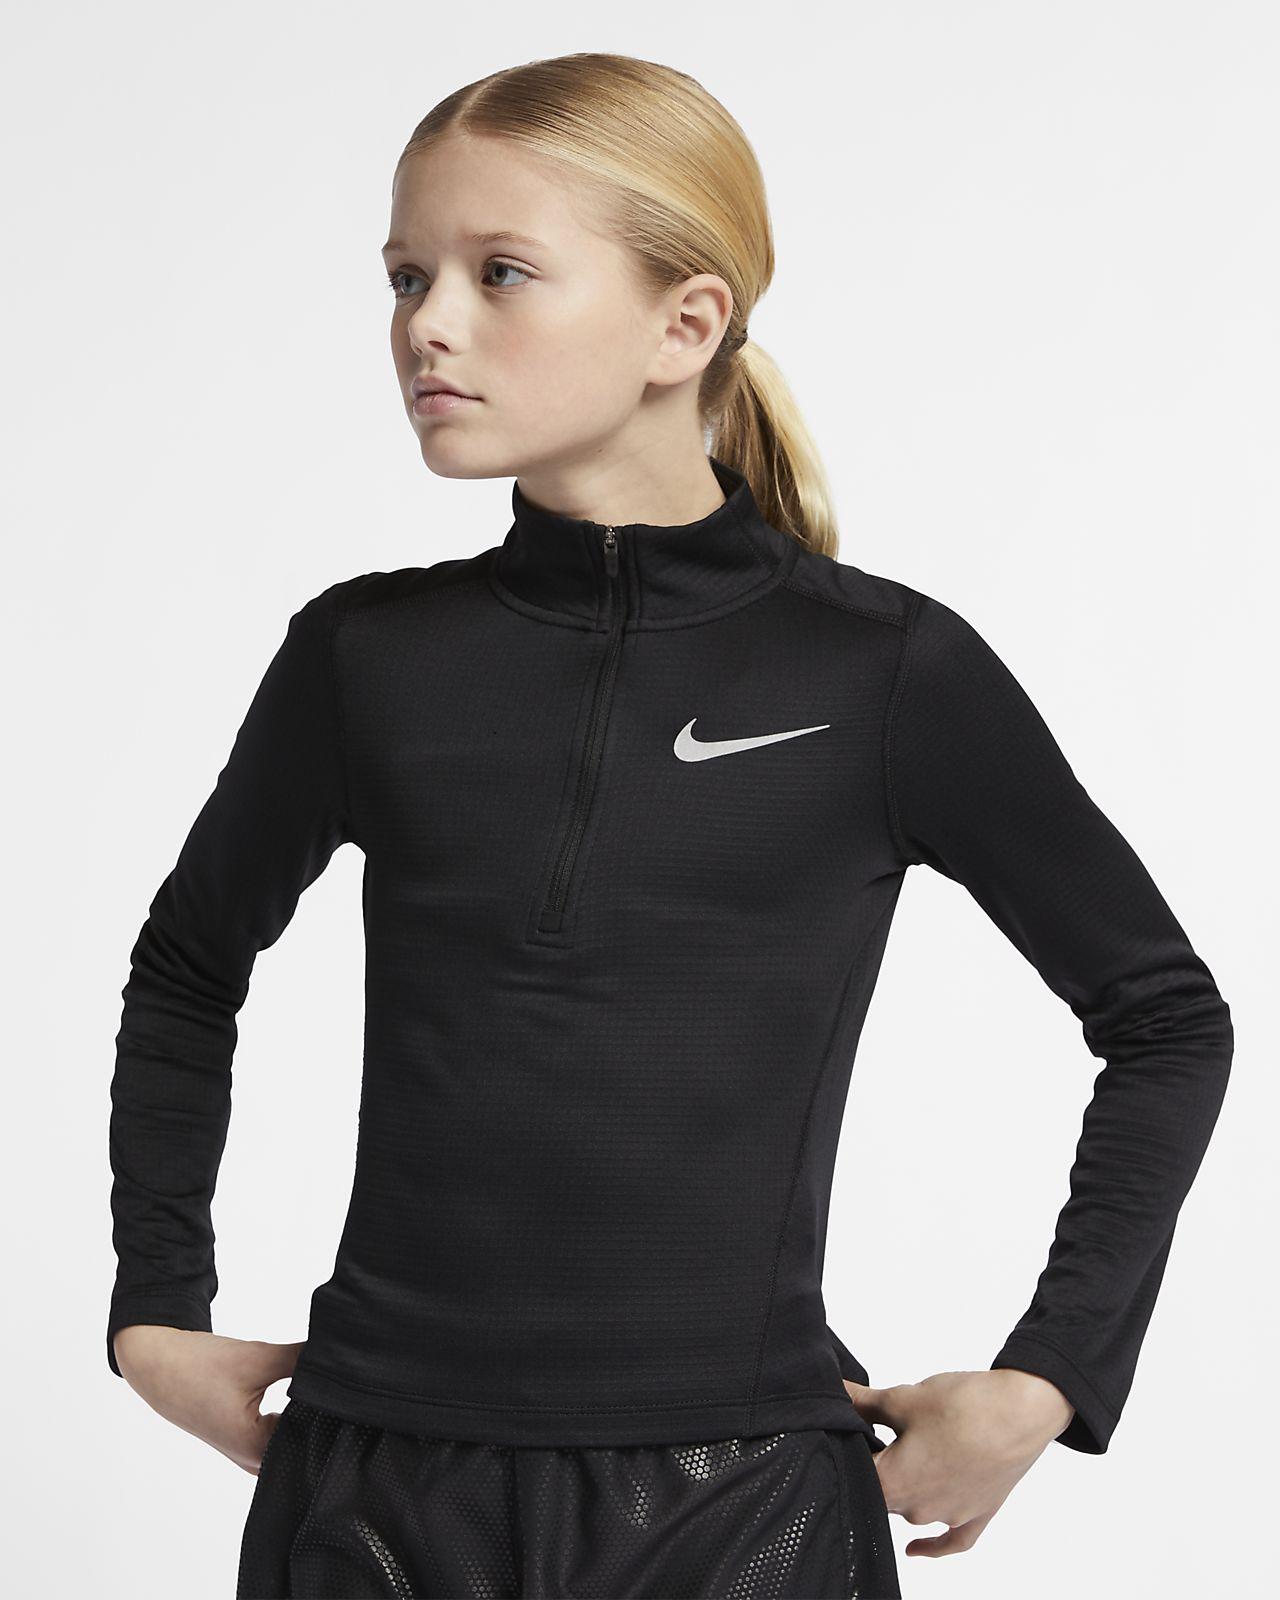 Langærmet løbeoverdel med lynlås i halv længde til store børn (piger)